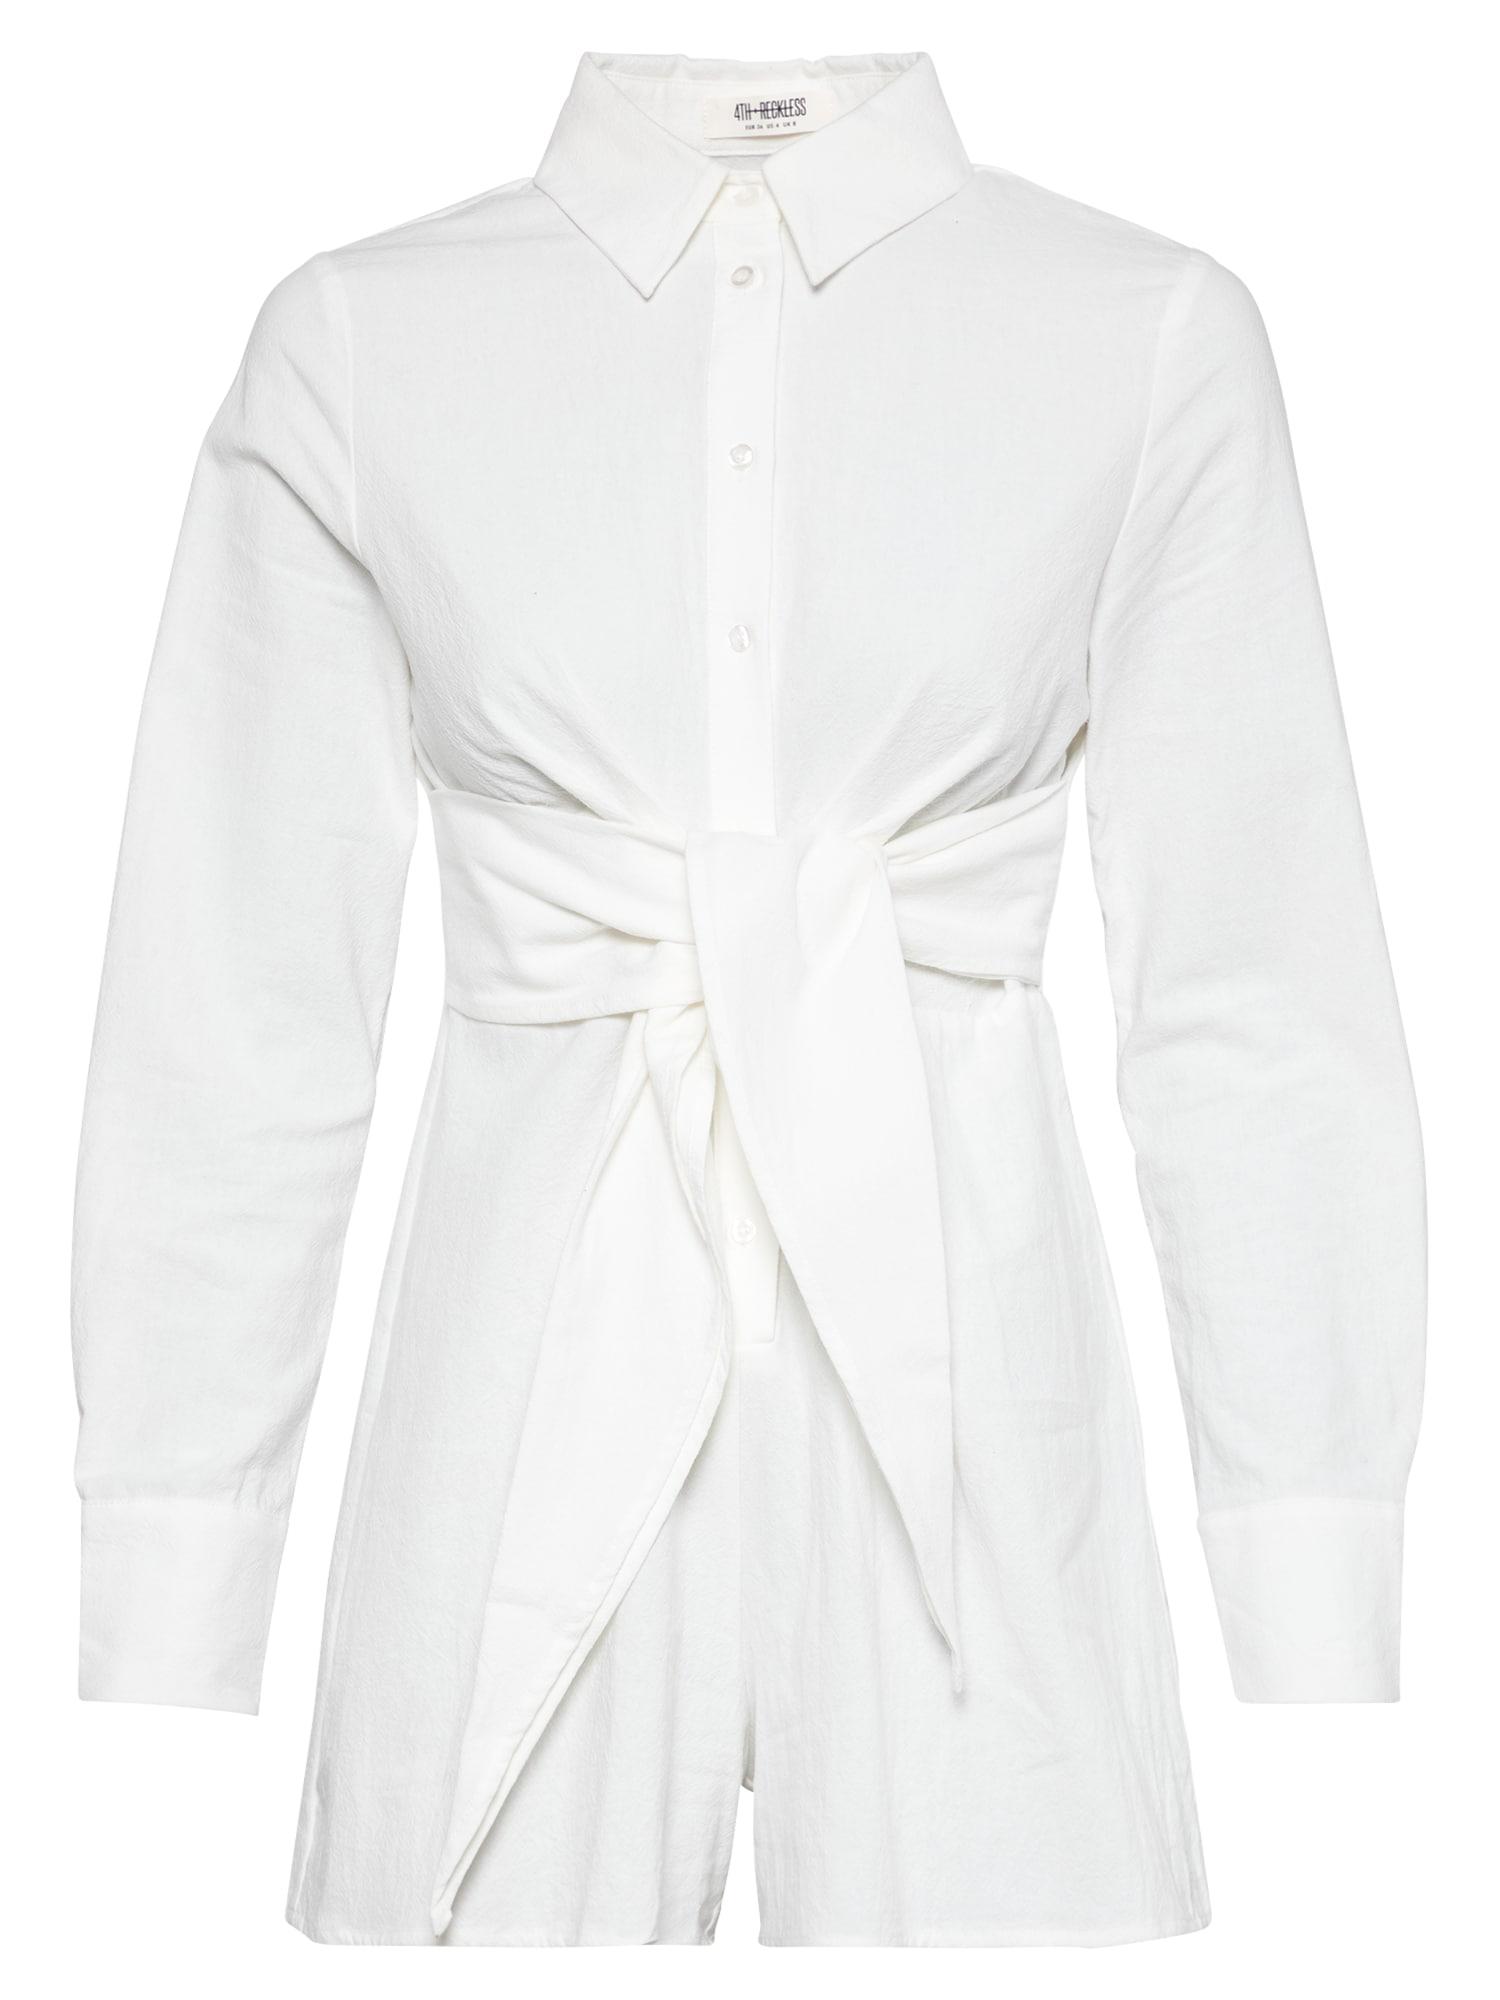 4th & Reckless Vienos dalies kostiumas balta